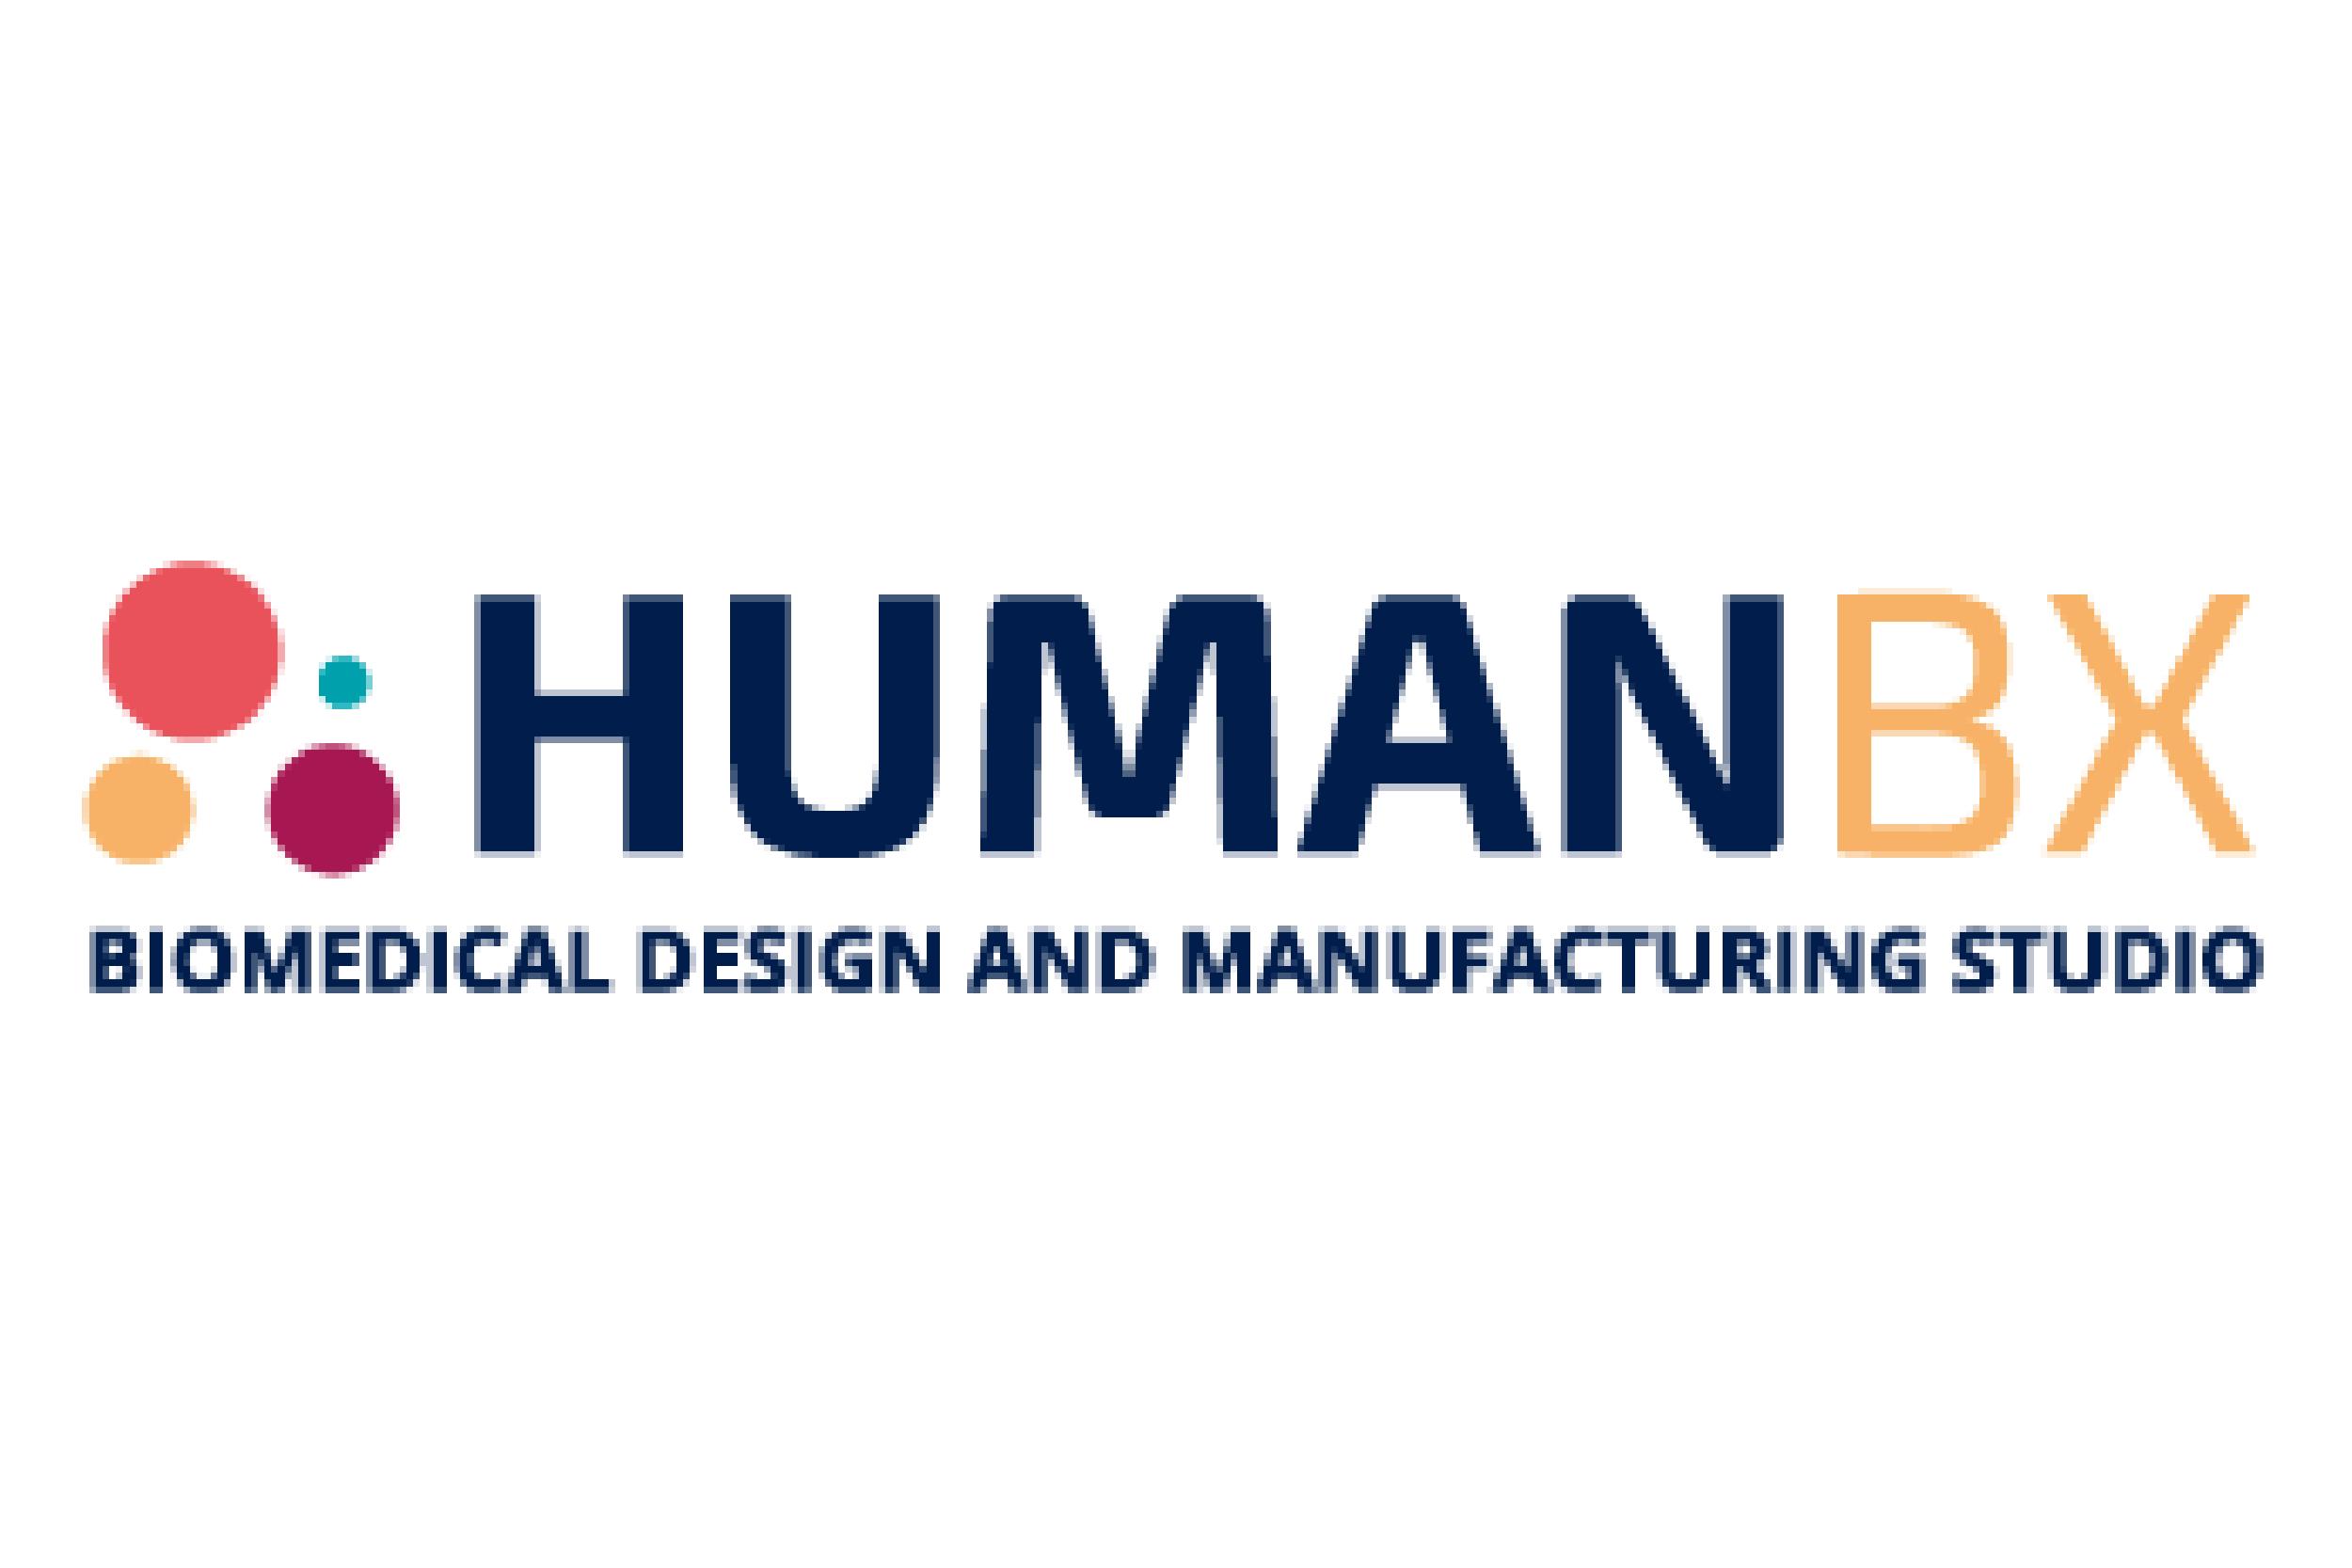 Humanbx S.A.S.